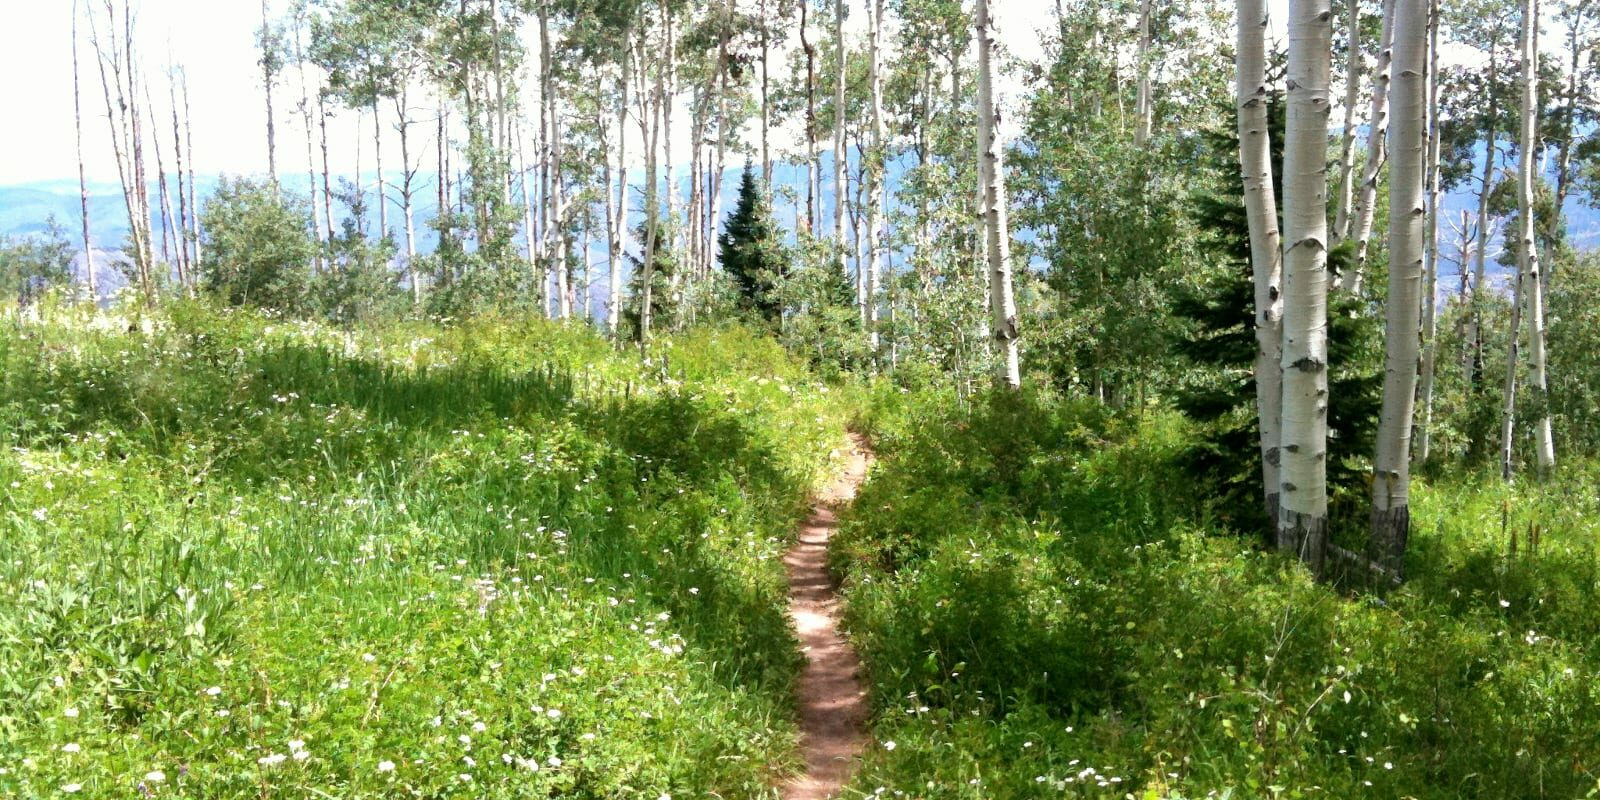 Government Trail in Aspen, Colorado